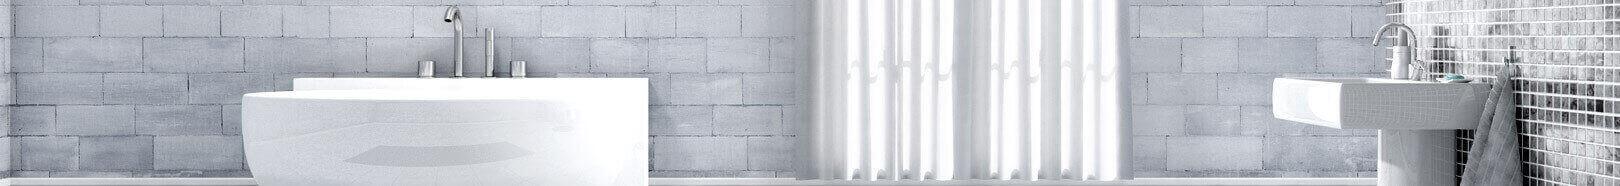 Neues Bad neuesbad shop for bathroom plumbing heating